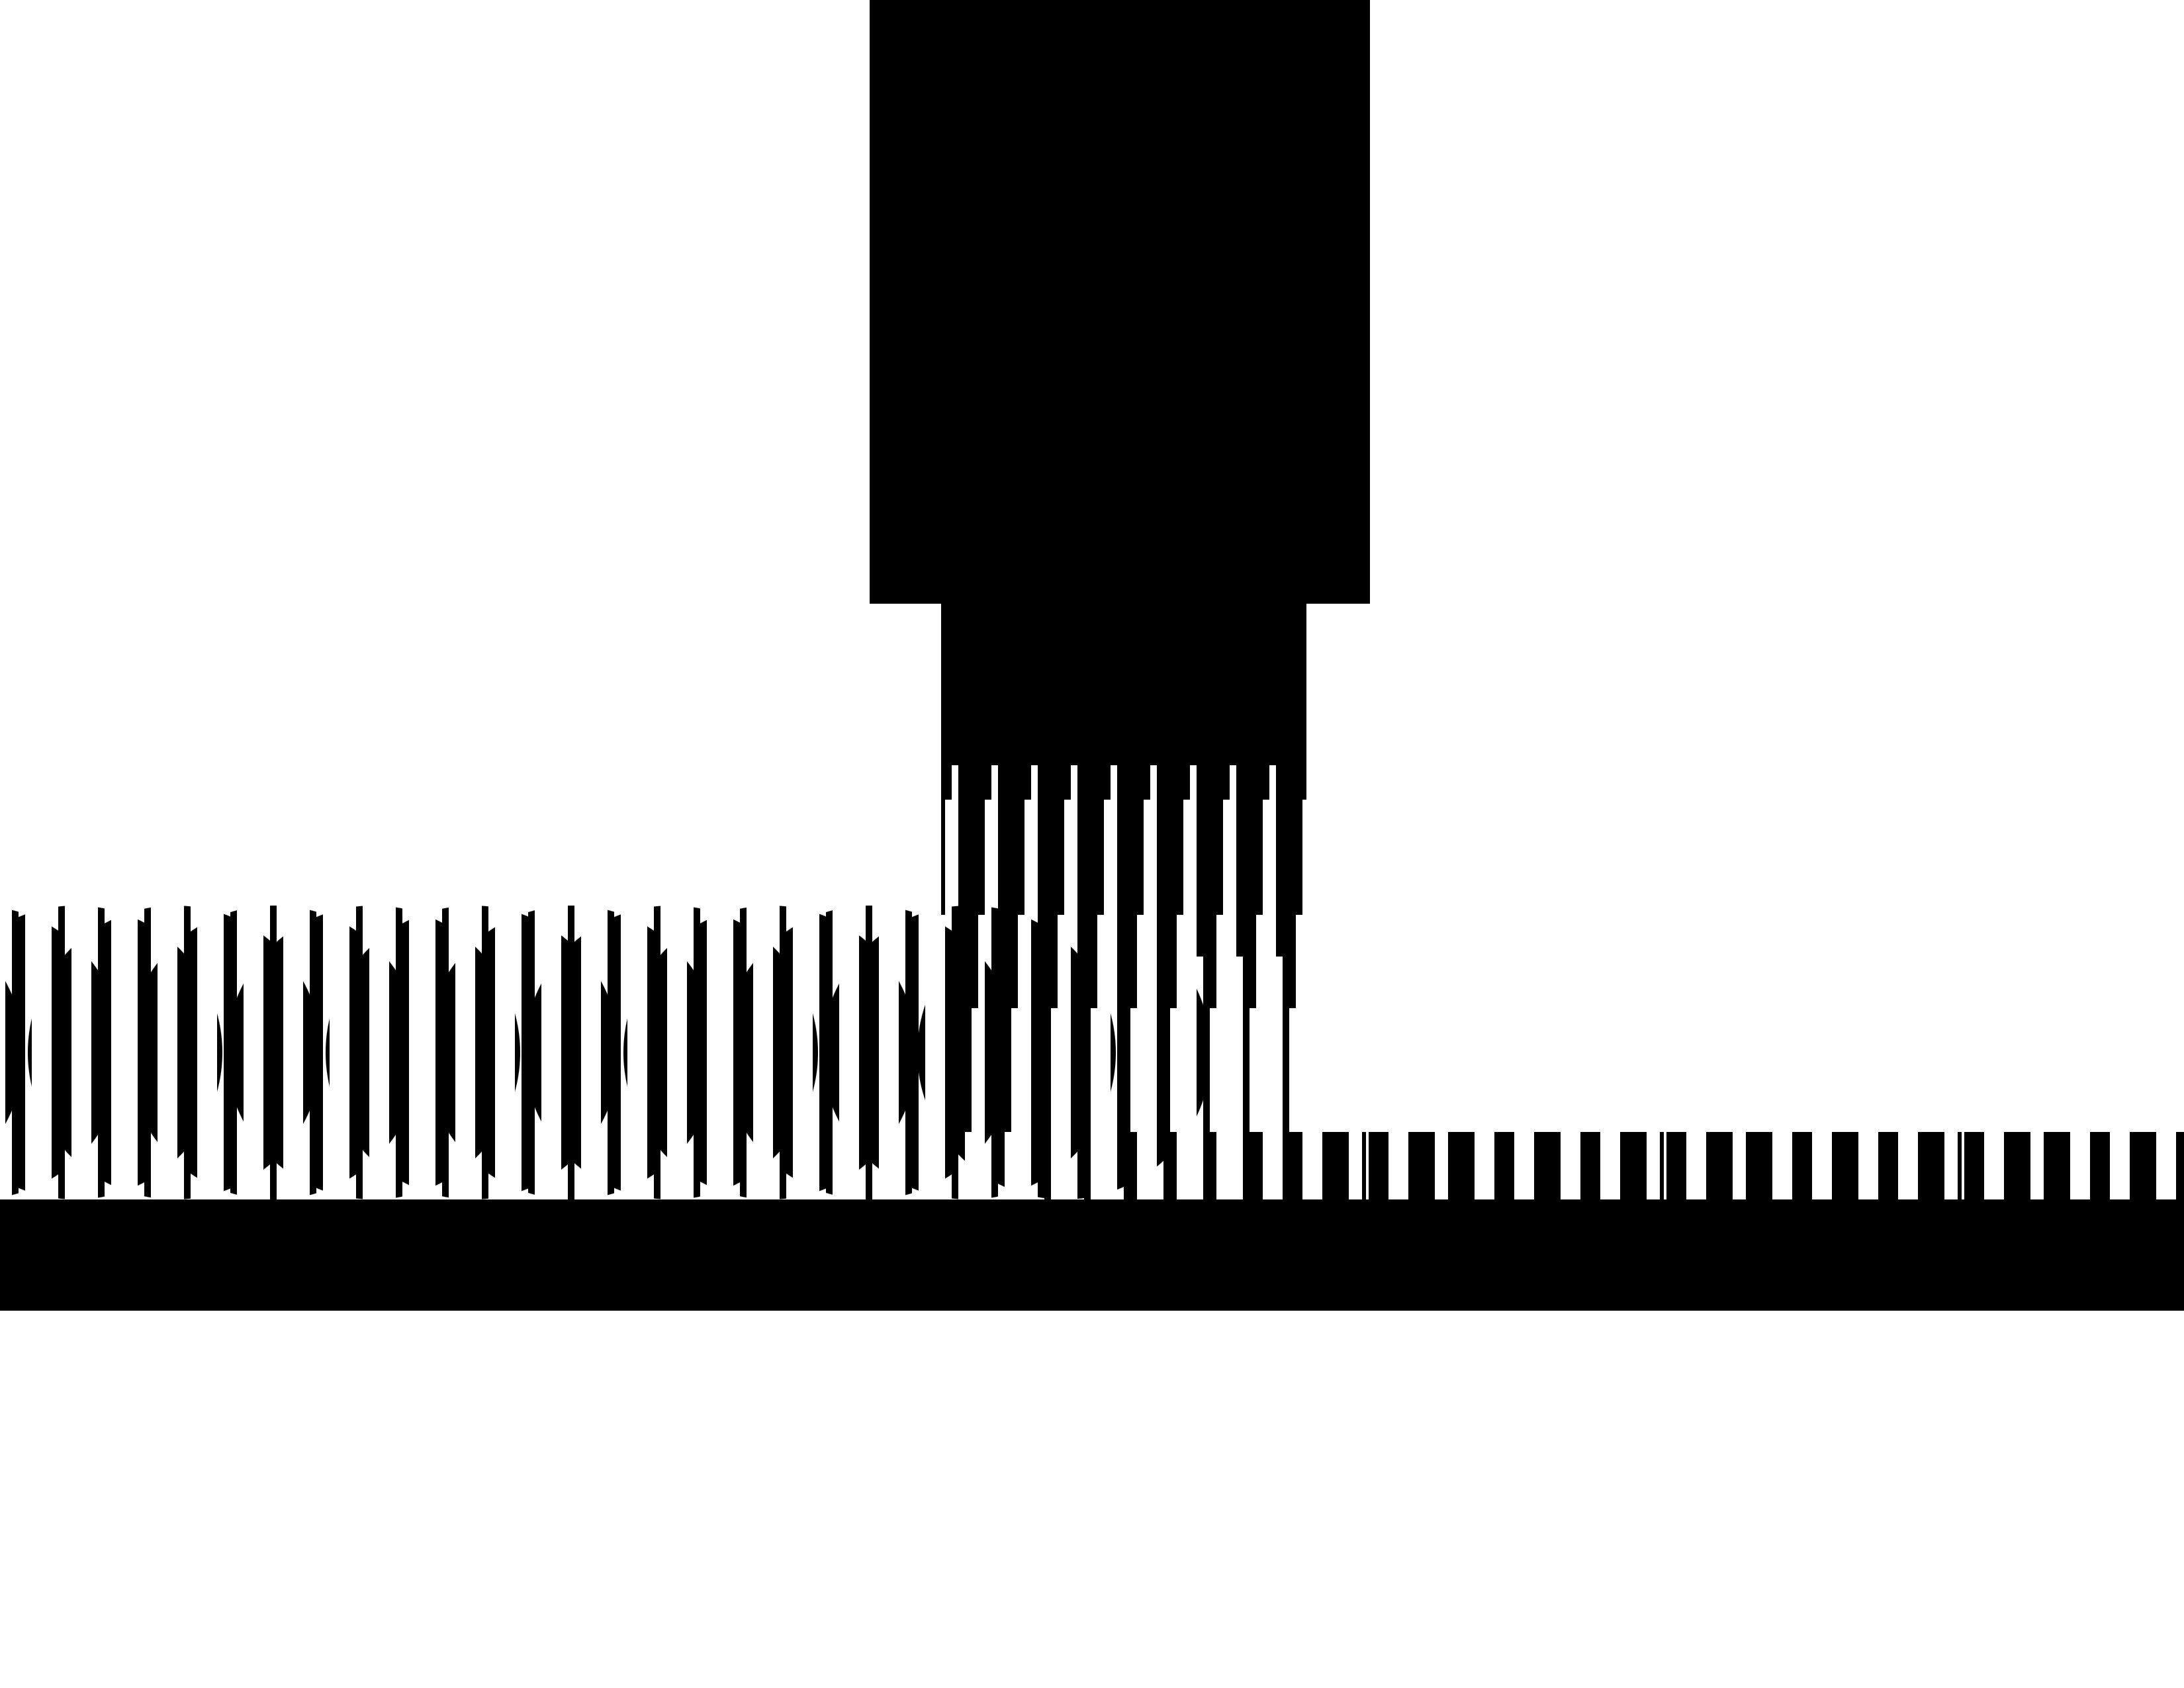 Des illusions d 39 optiques anim es imprimer - Ilusiones opticas para imprimir ...